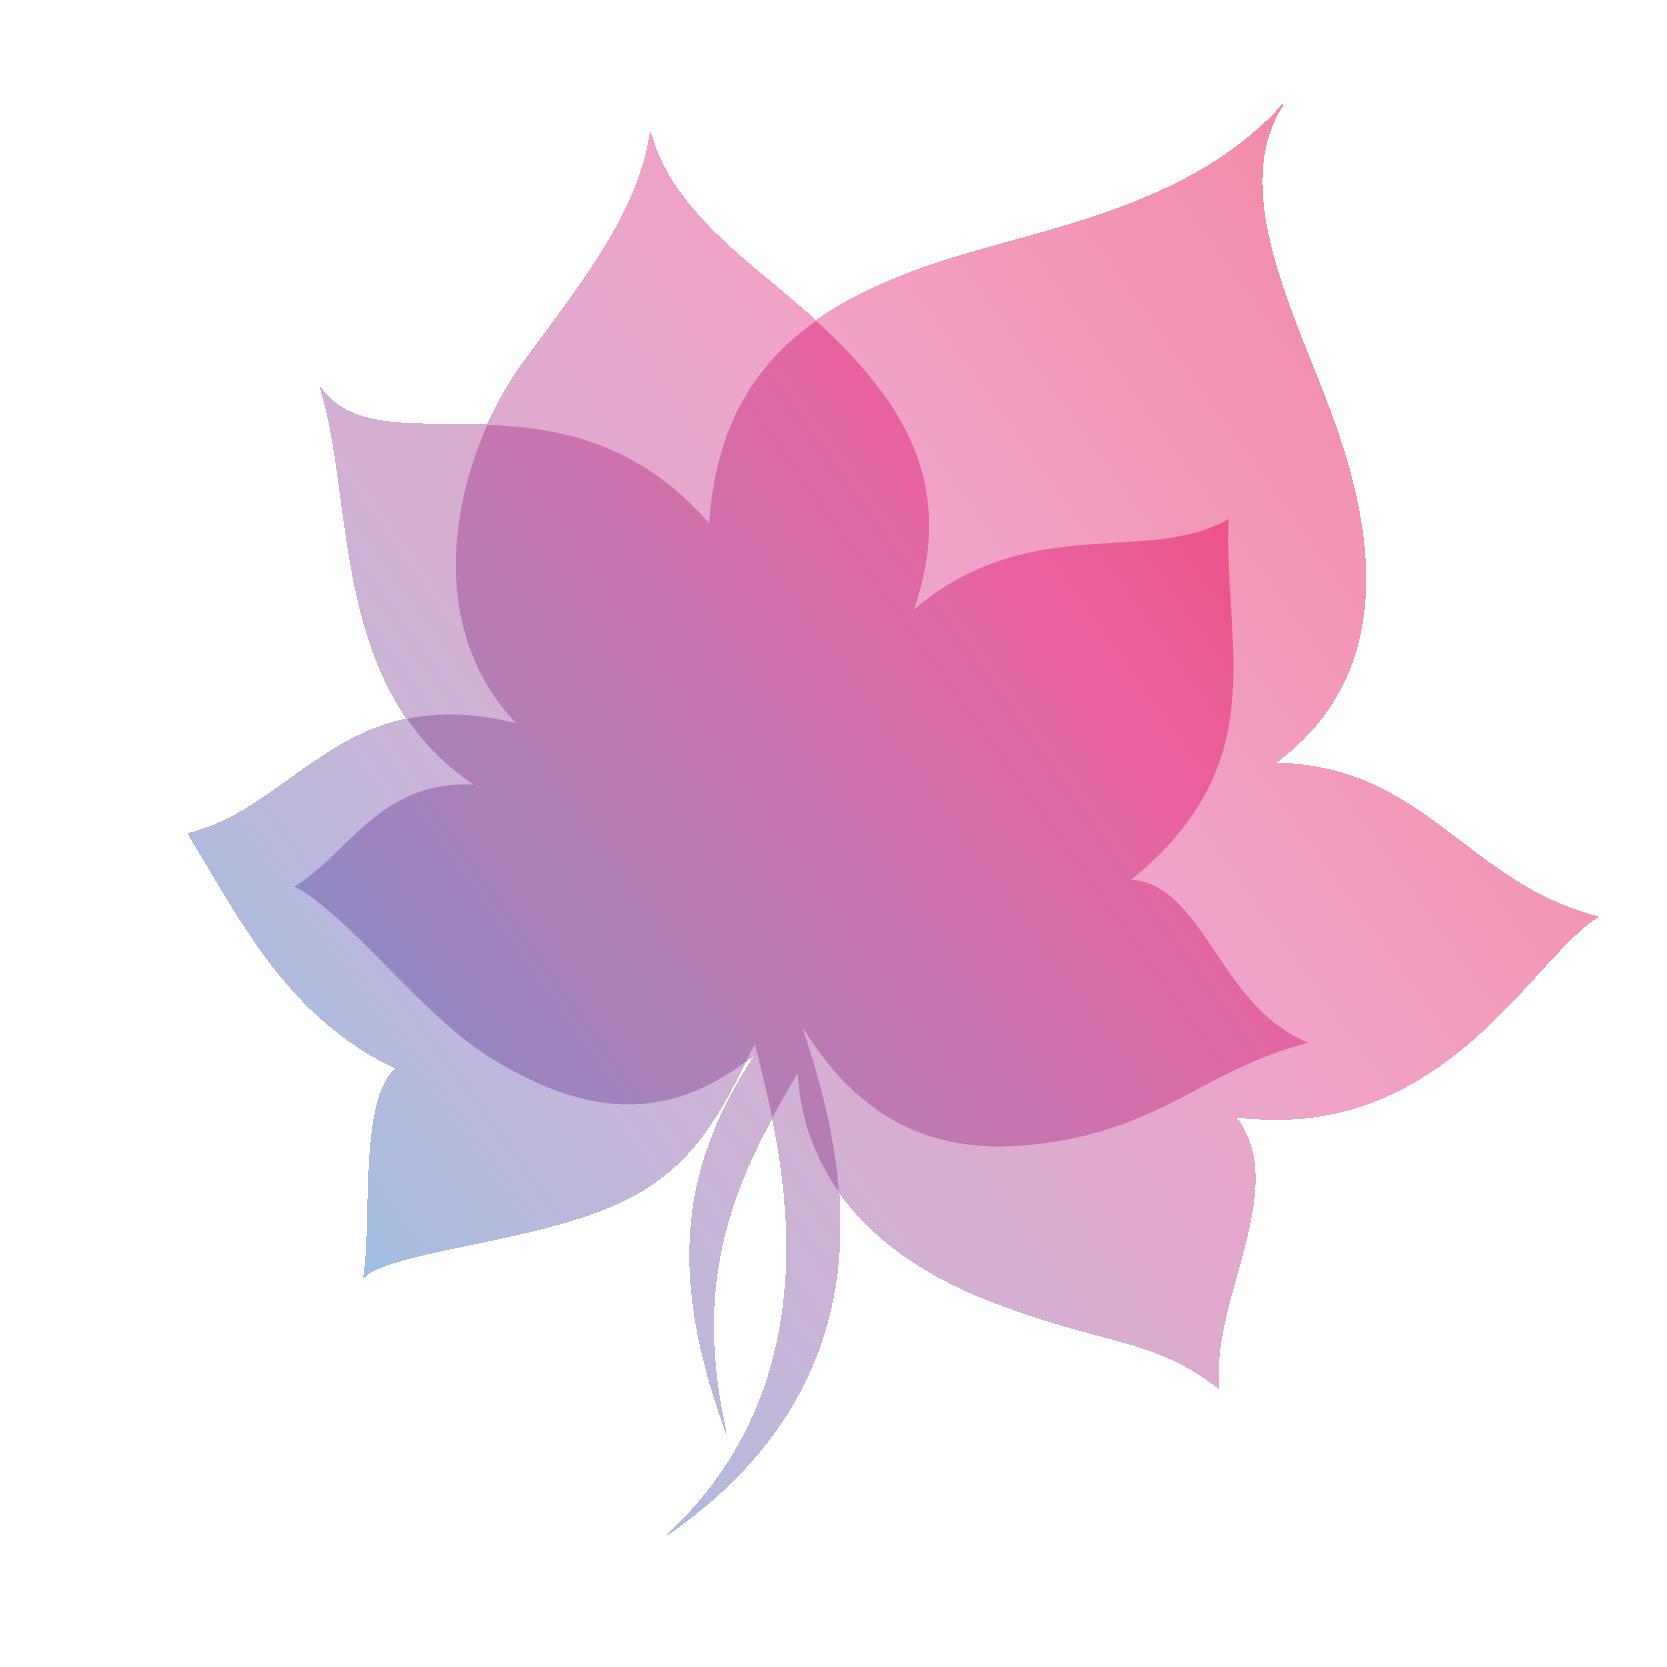 Lotus clipart esthetician. Esthetics acquaviva delle fonti